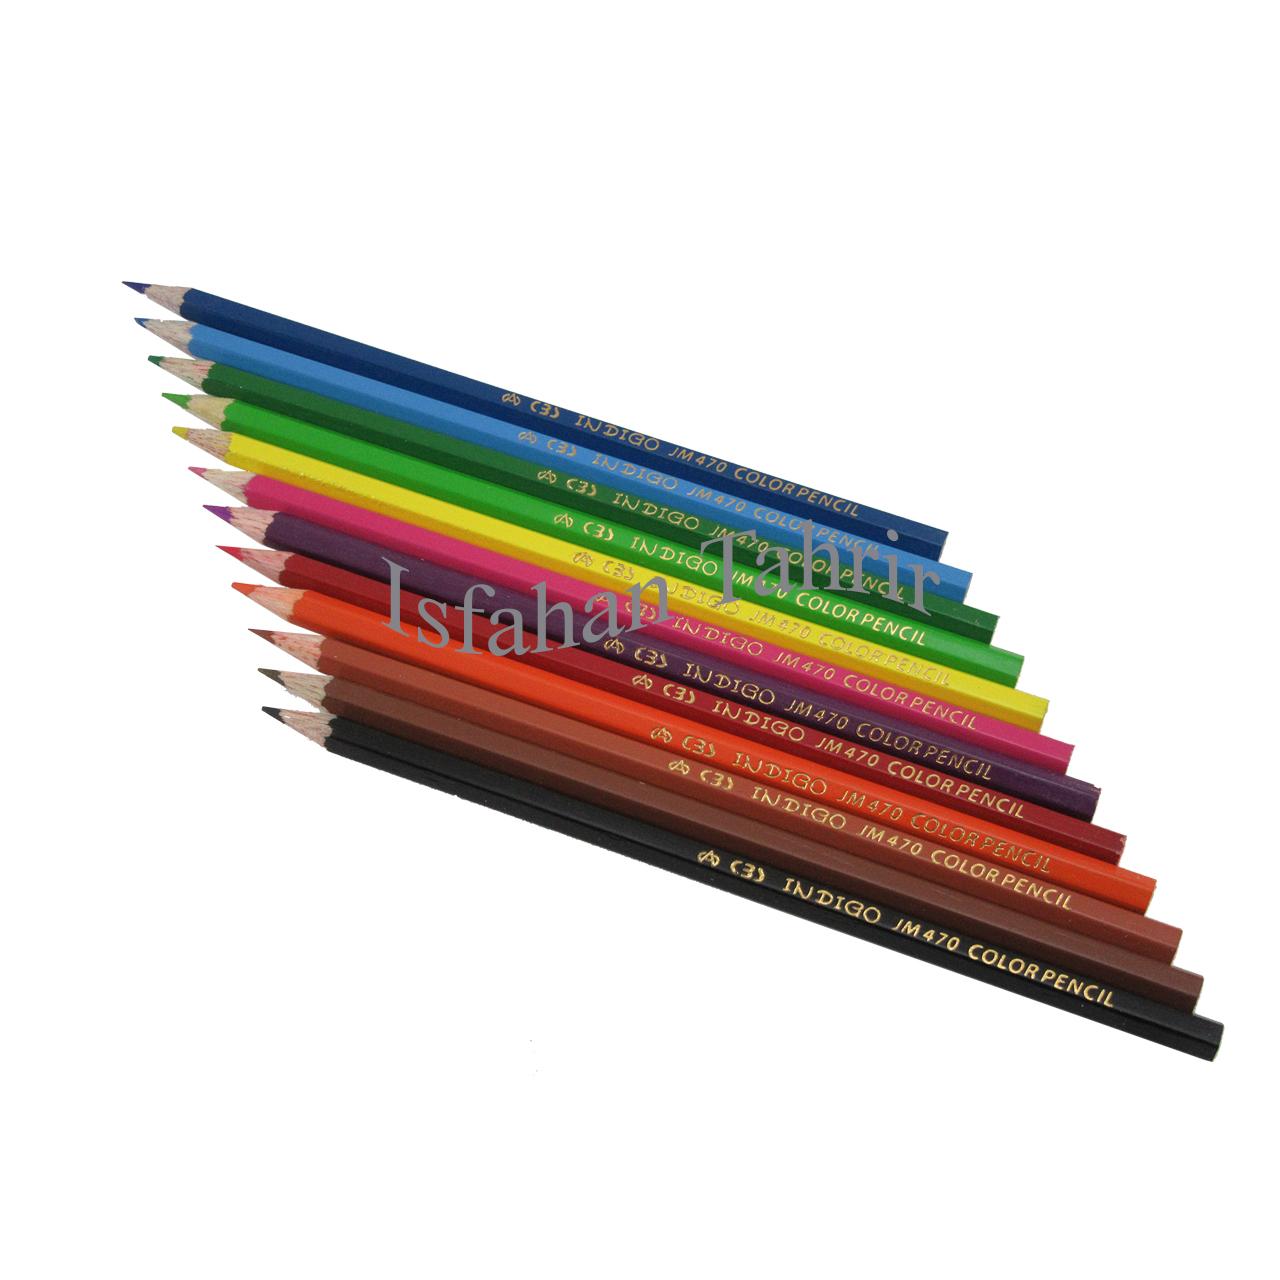 مداد رنگی ۱۲ رنگ سی بی اس مقوایی (CBS)